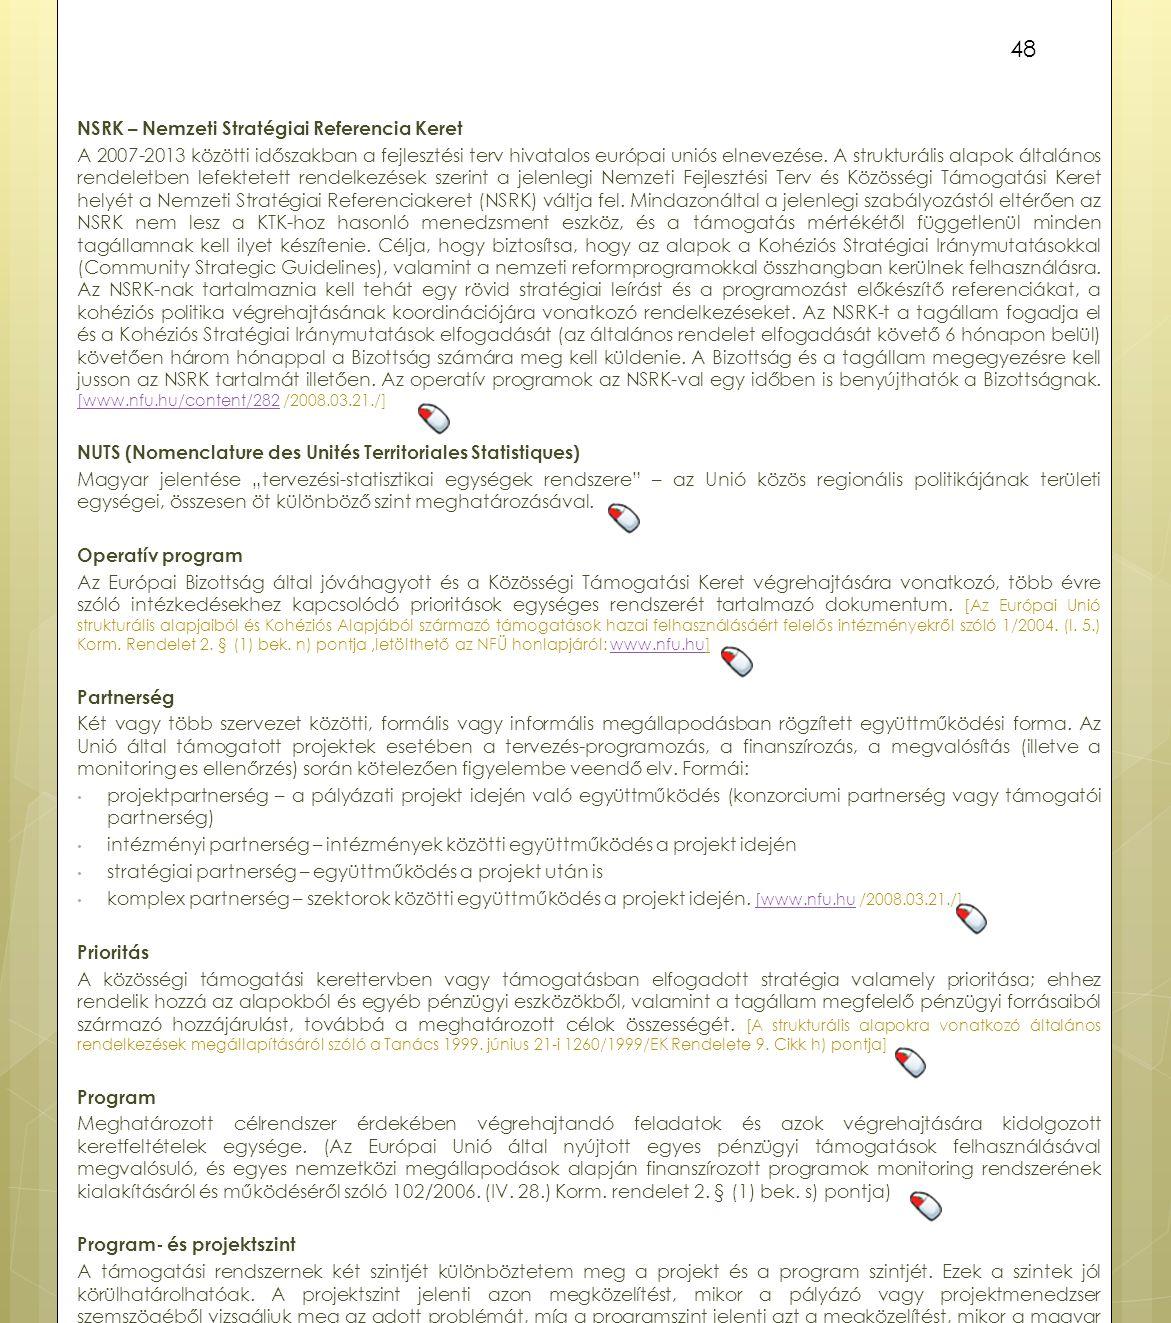 NSRK – Nemzeti Stratégiai Referencia Keret A 2007-2013 közötti időszakban a fejlesztési terv hivatalos európai uniós elnevezése. A strukturális alapok